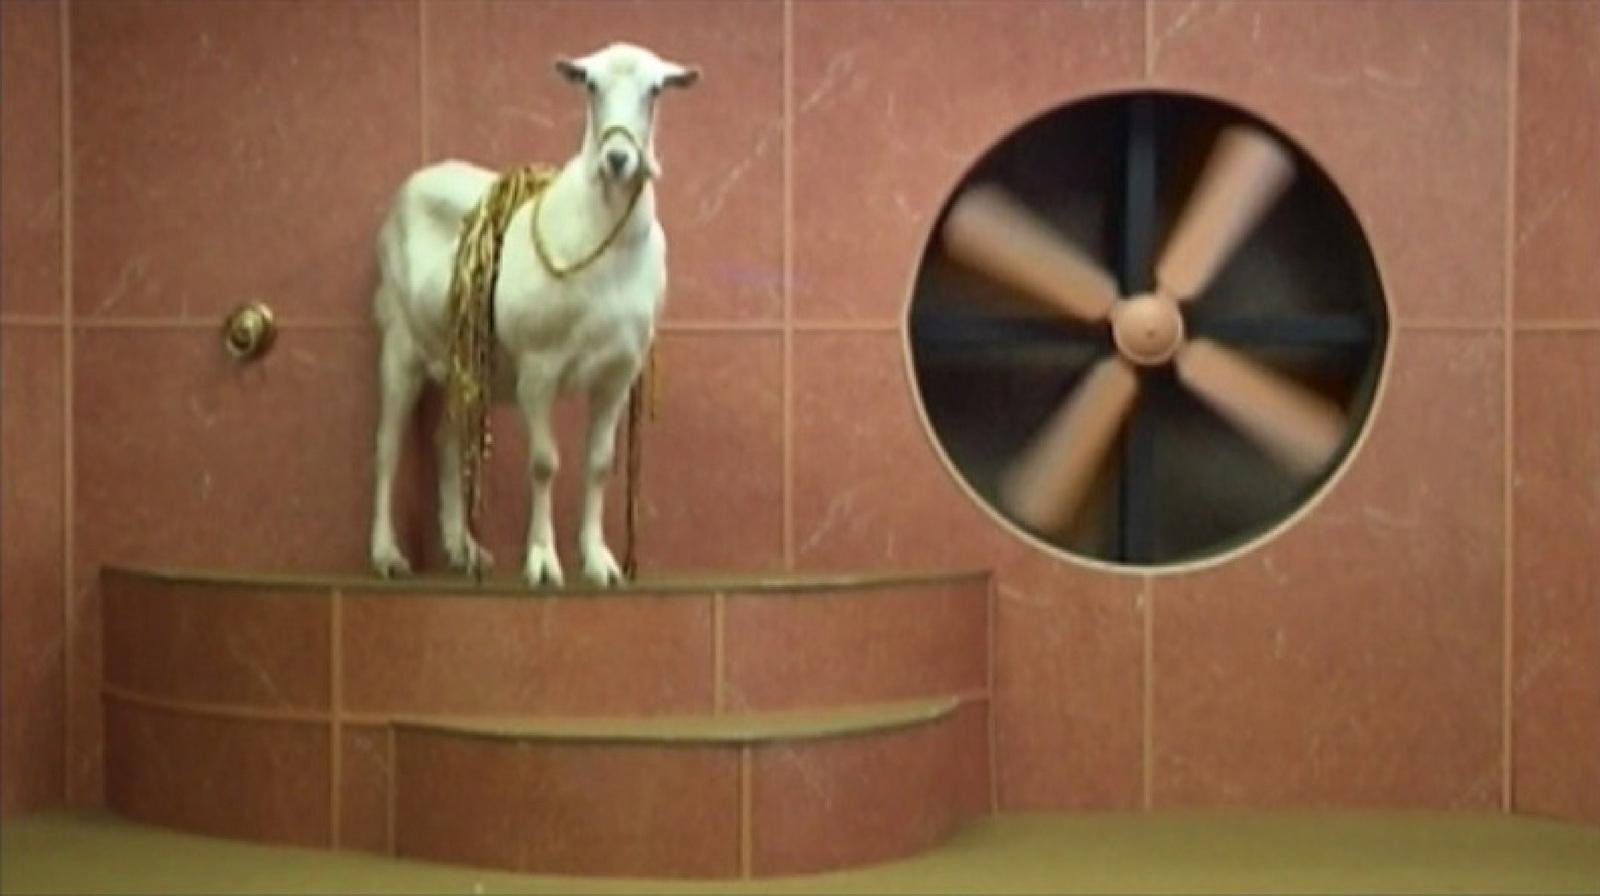 Goat Odyssey (still) 2006 image